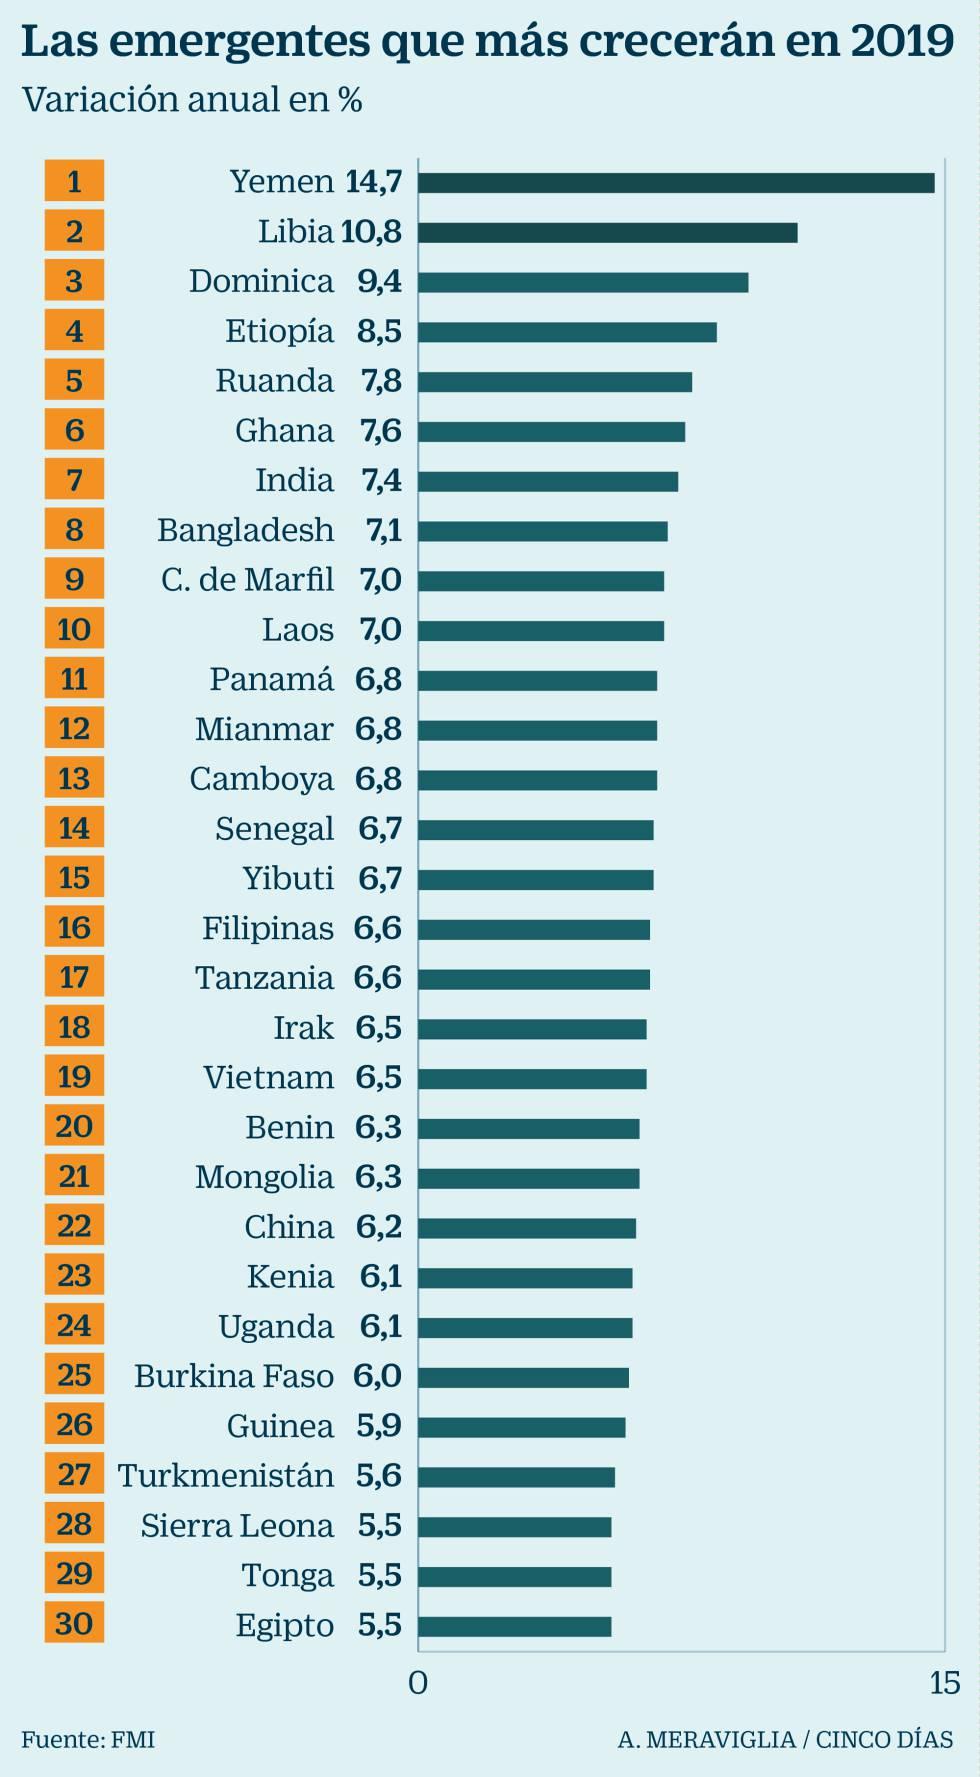 Los países que más crecerán en 2019; España, en el puesto 153º